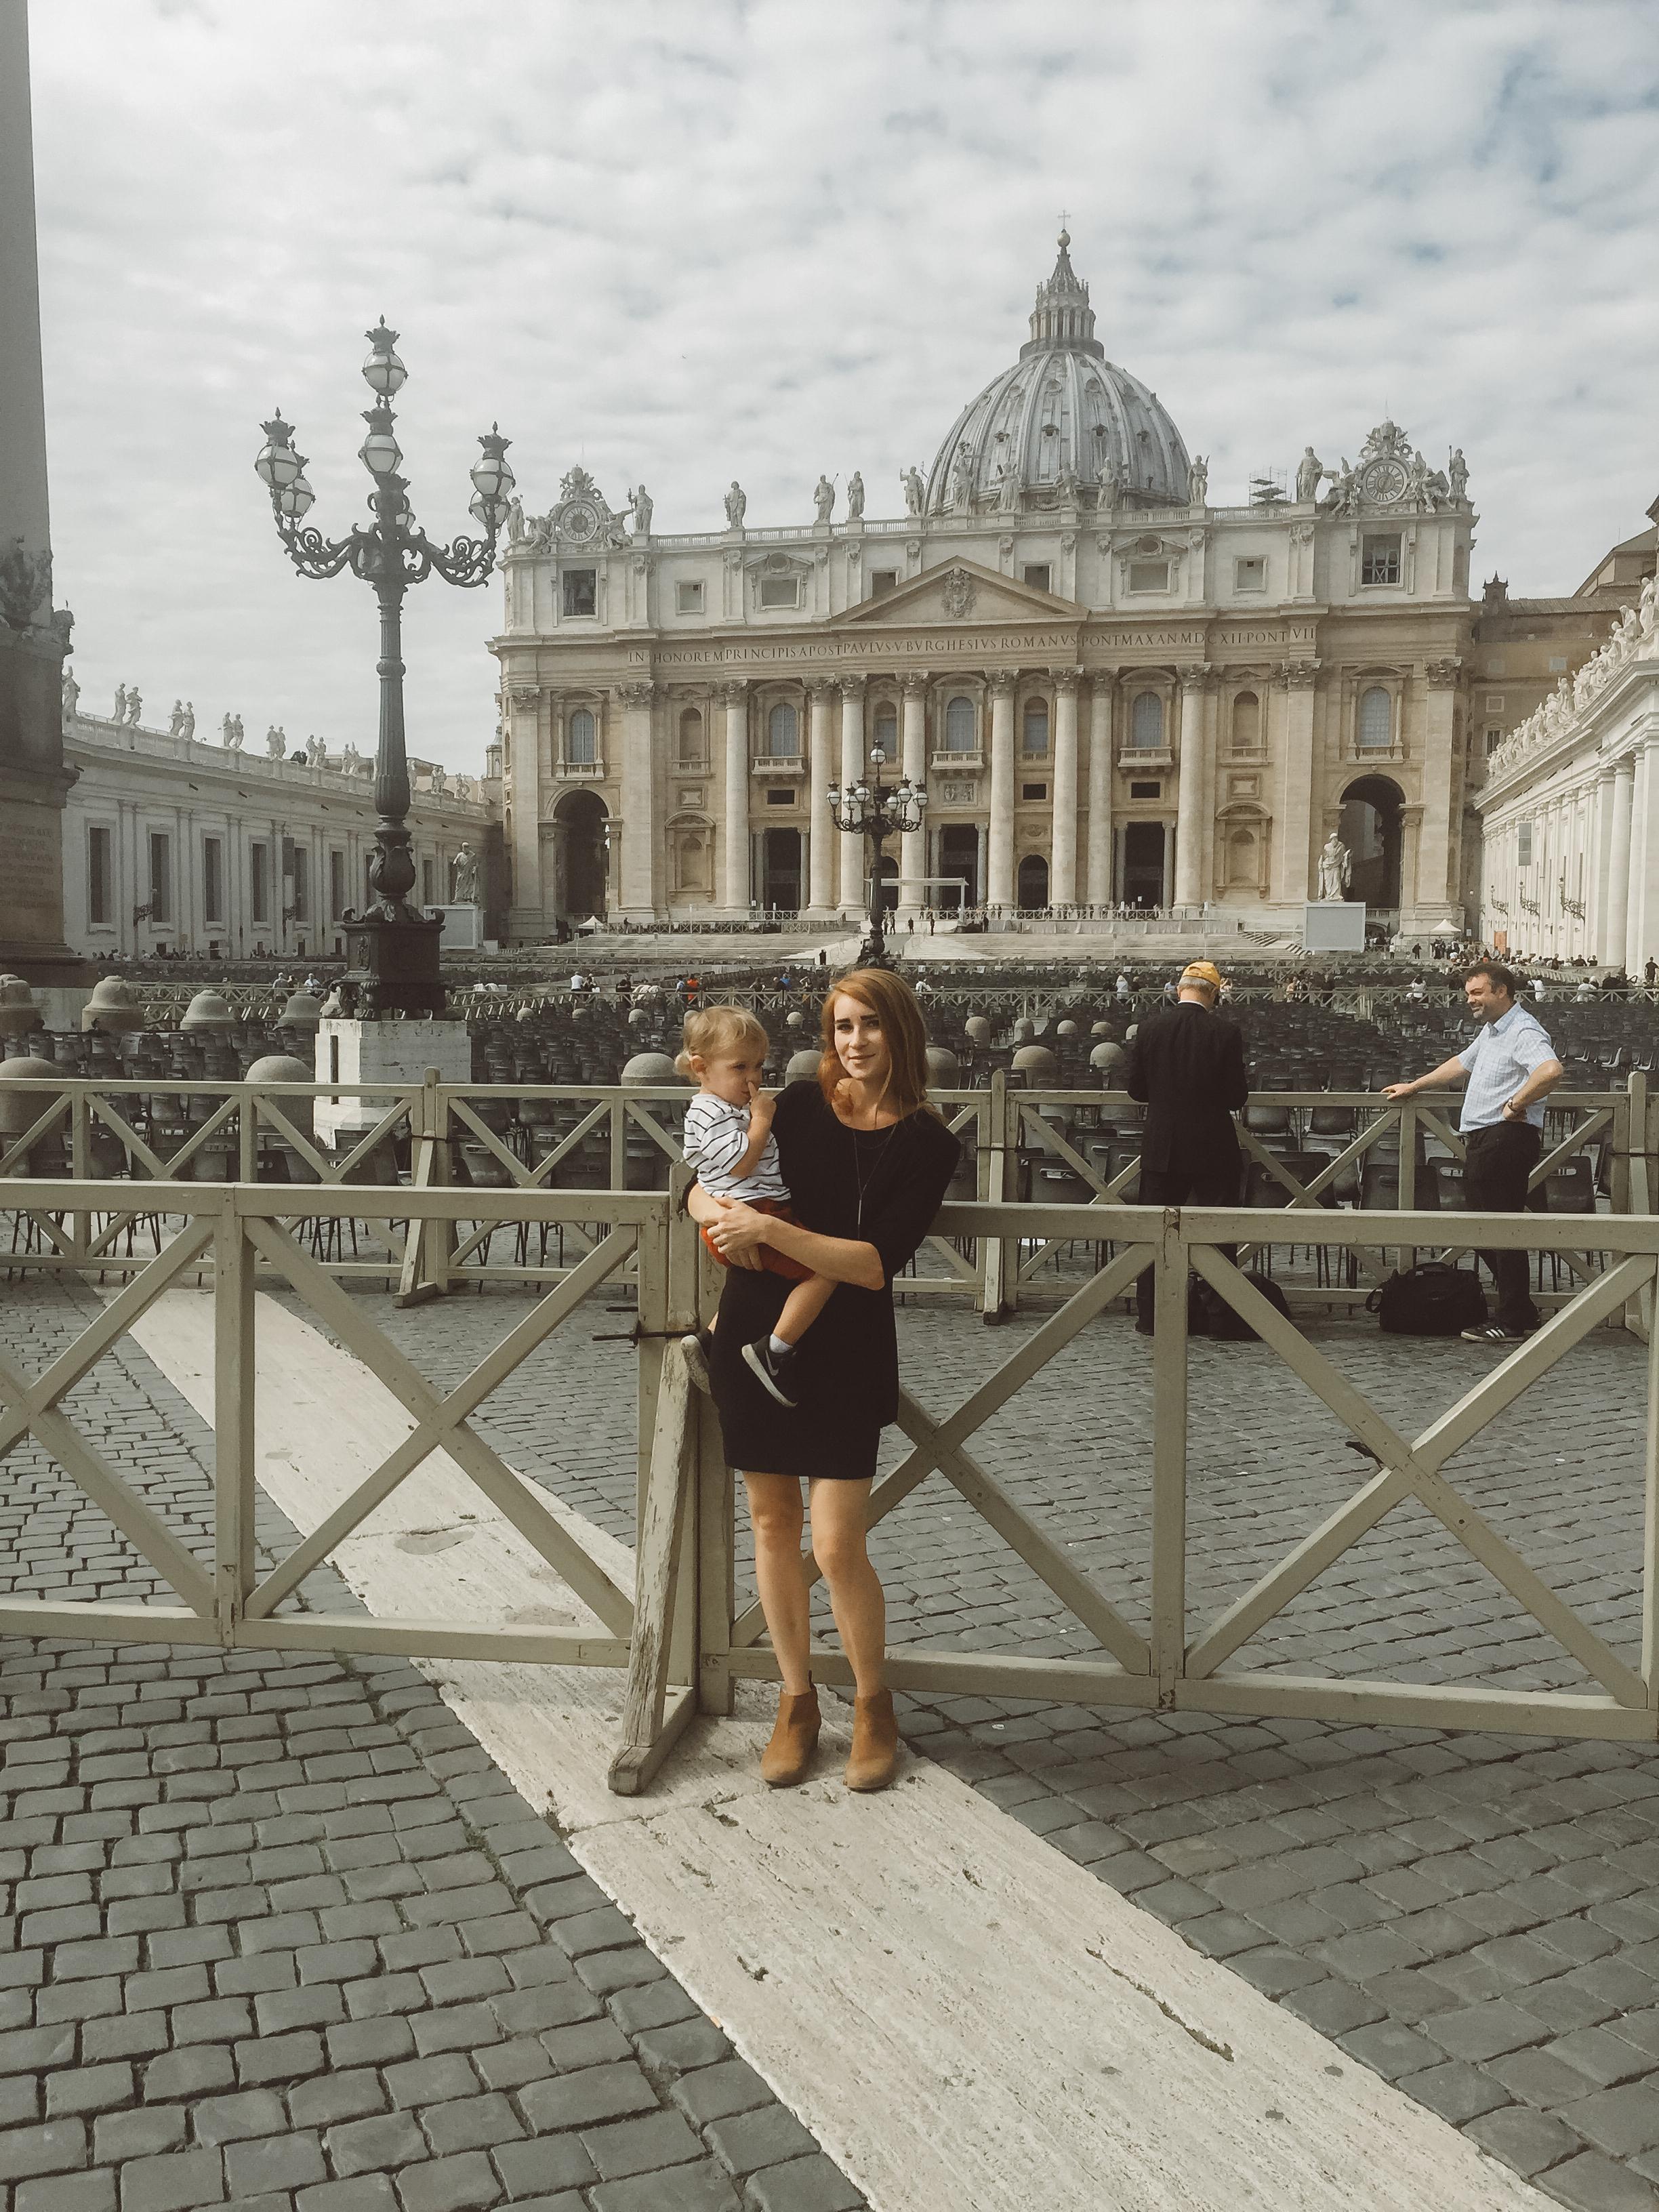 The Vatican, Vatican City, Rome